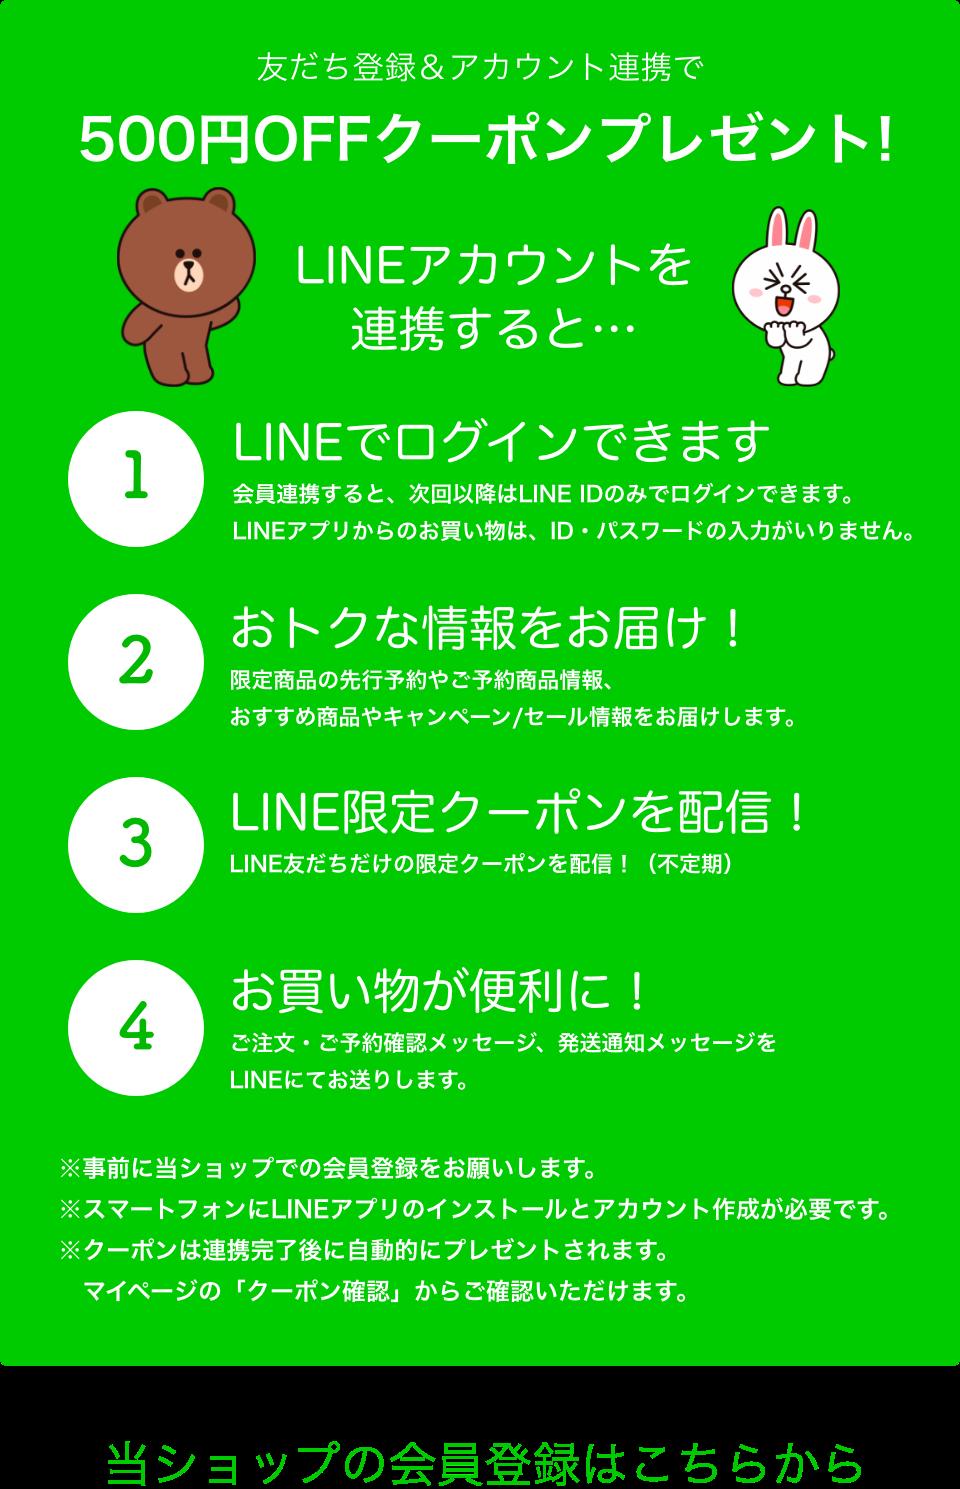 友だち登録&アカウント連携で500円OFFクーポンプレゼント